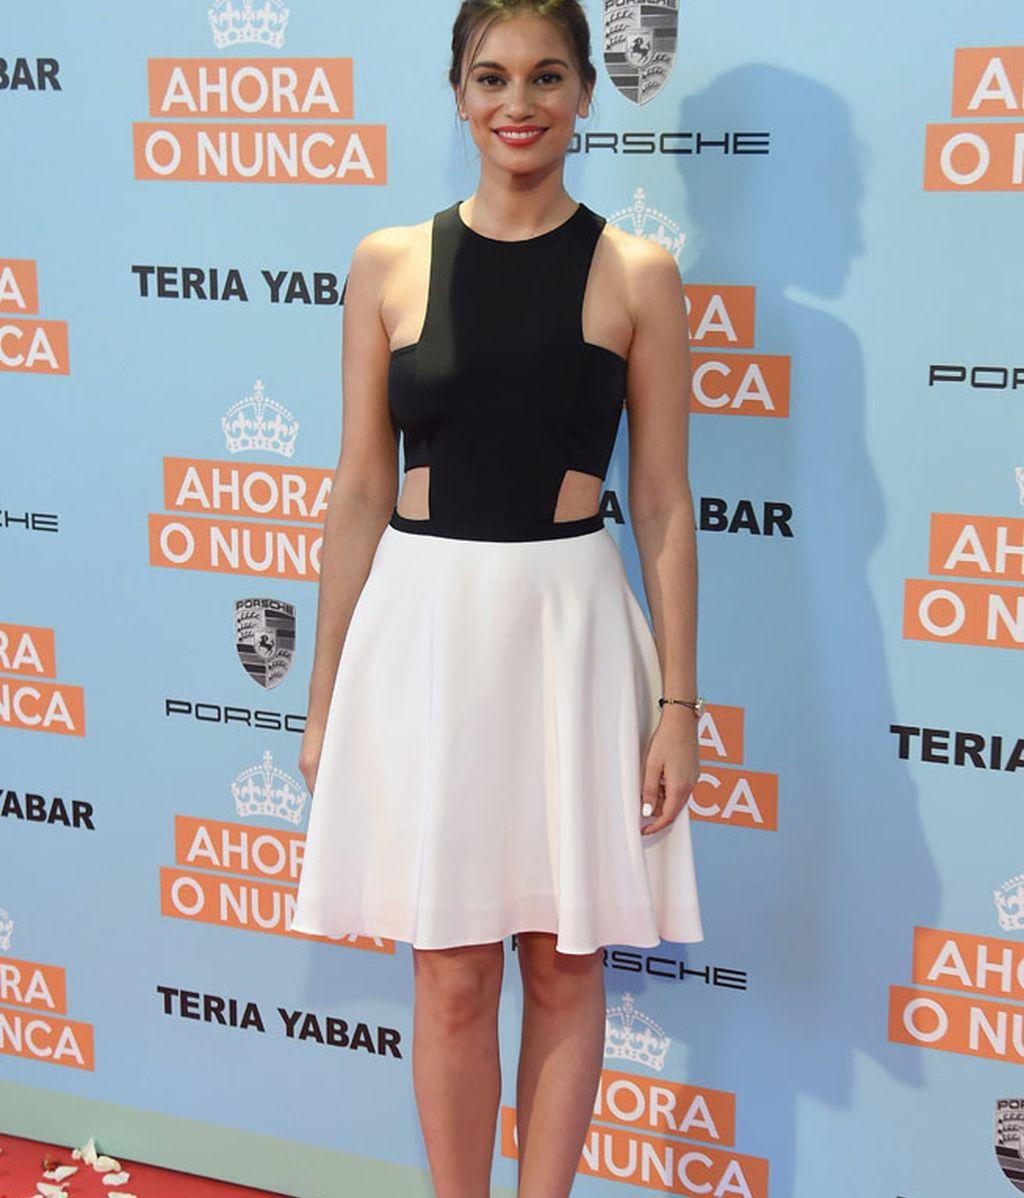 La actriz Norma Ruíz con vestido 'crop top' black&white